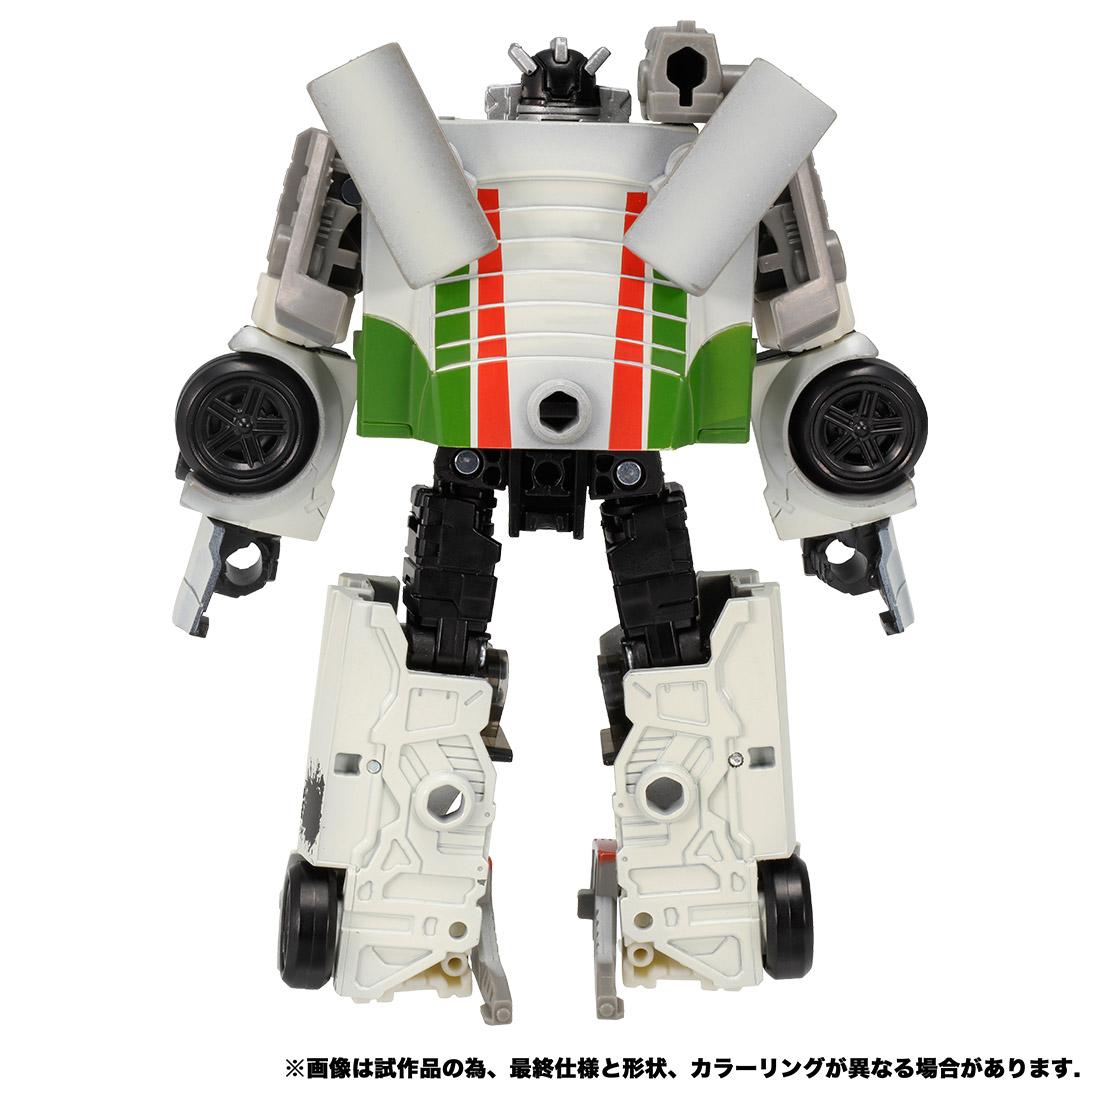 トランスフォーマー ウォーフォーサイバトロン『WFC-12 ホイルジャック』可変可動フィギュア-005